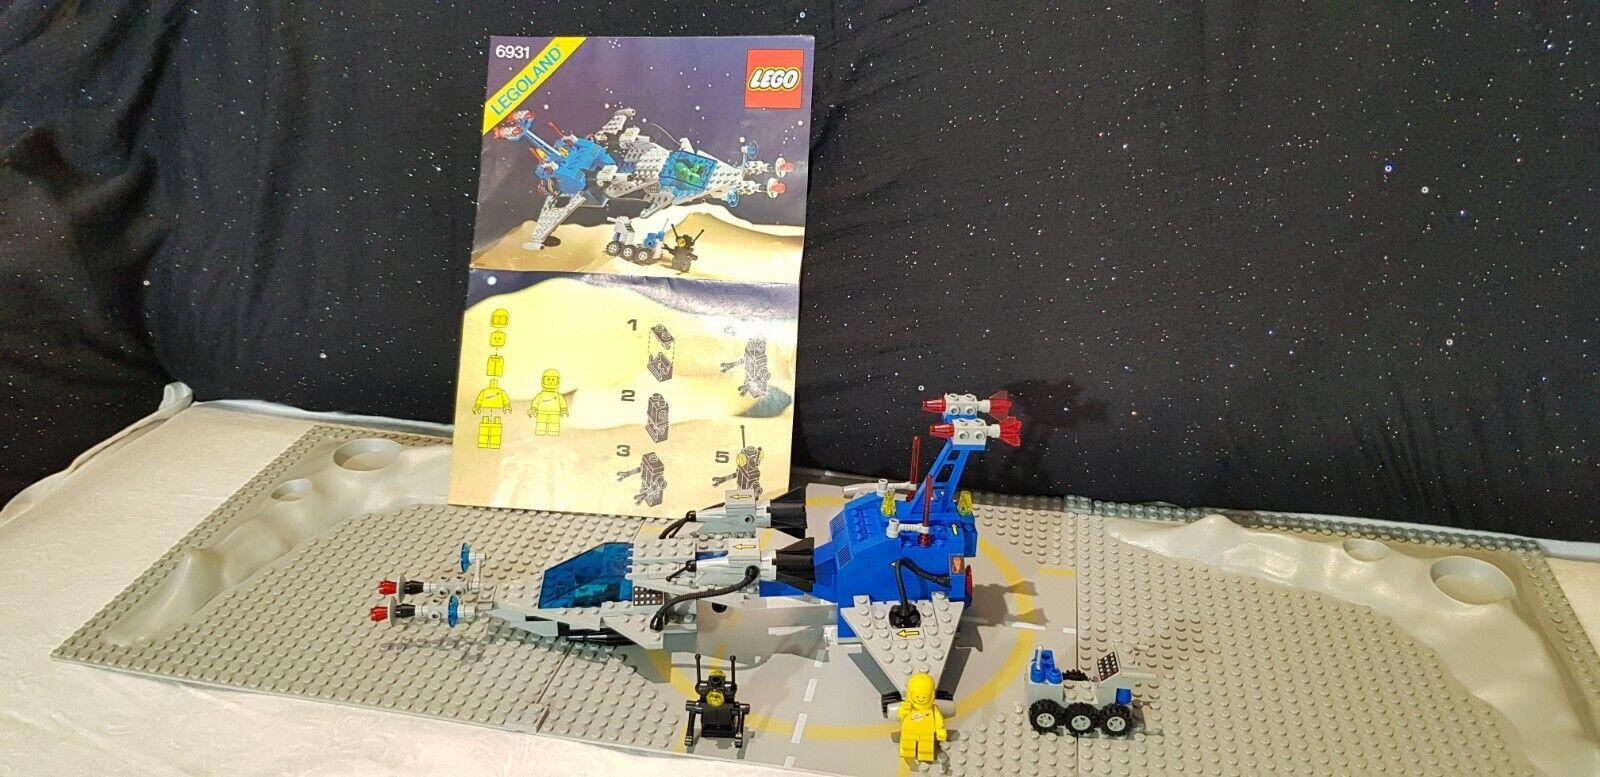 LEGO SPAZIO 6931 FX-Star Patroller Classic Vintage 100% + istruzioni  1